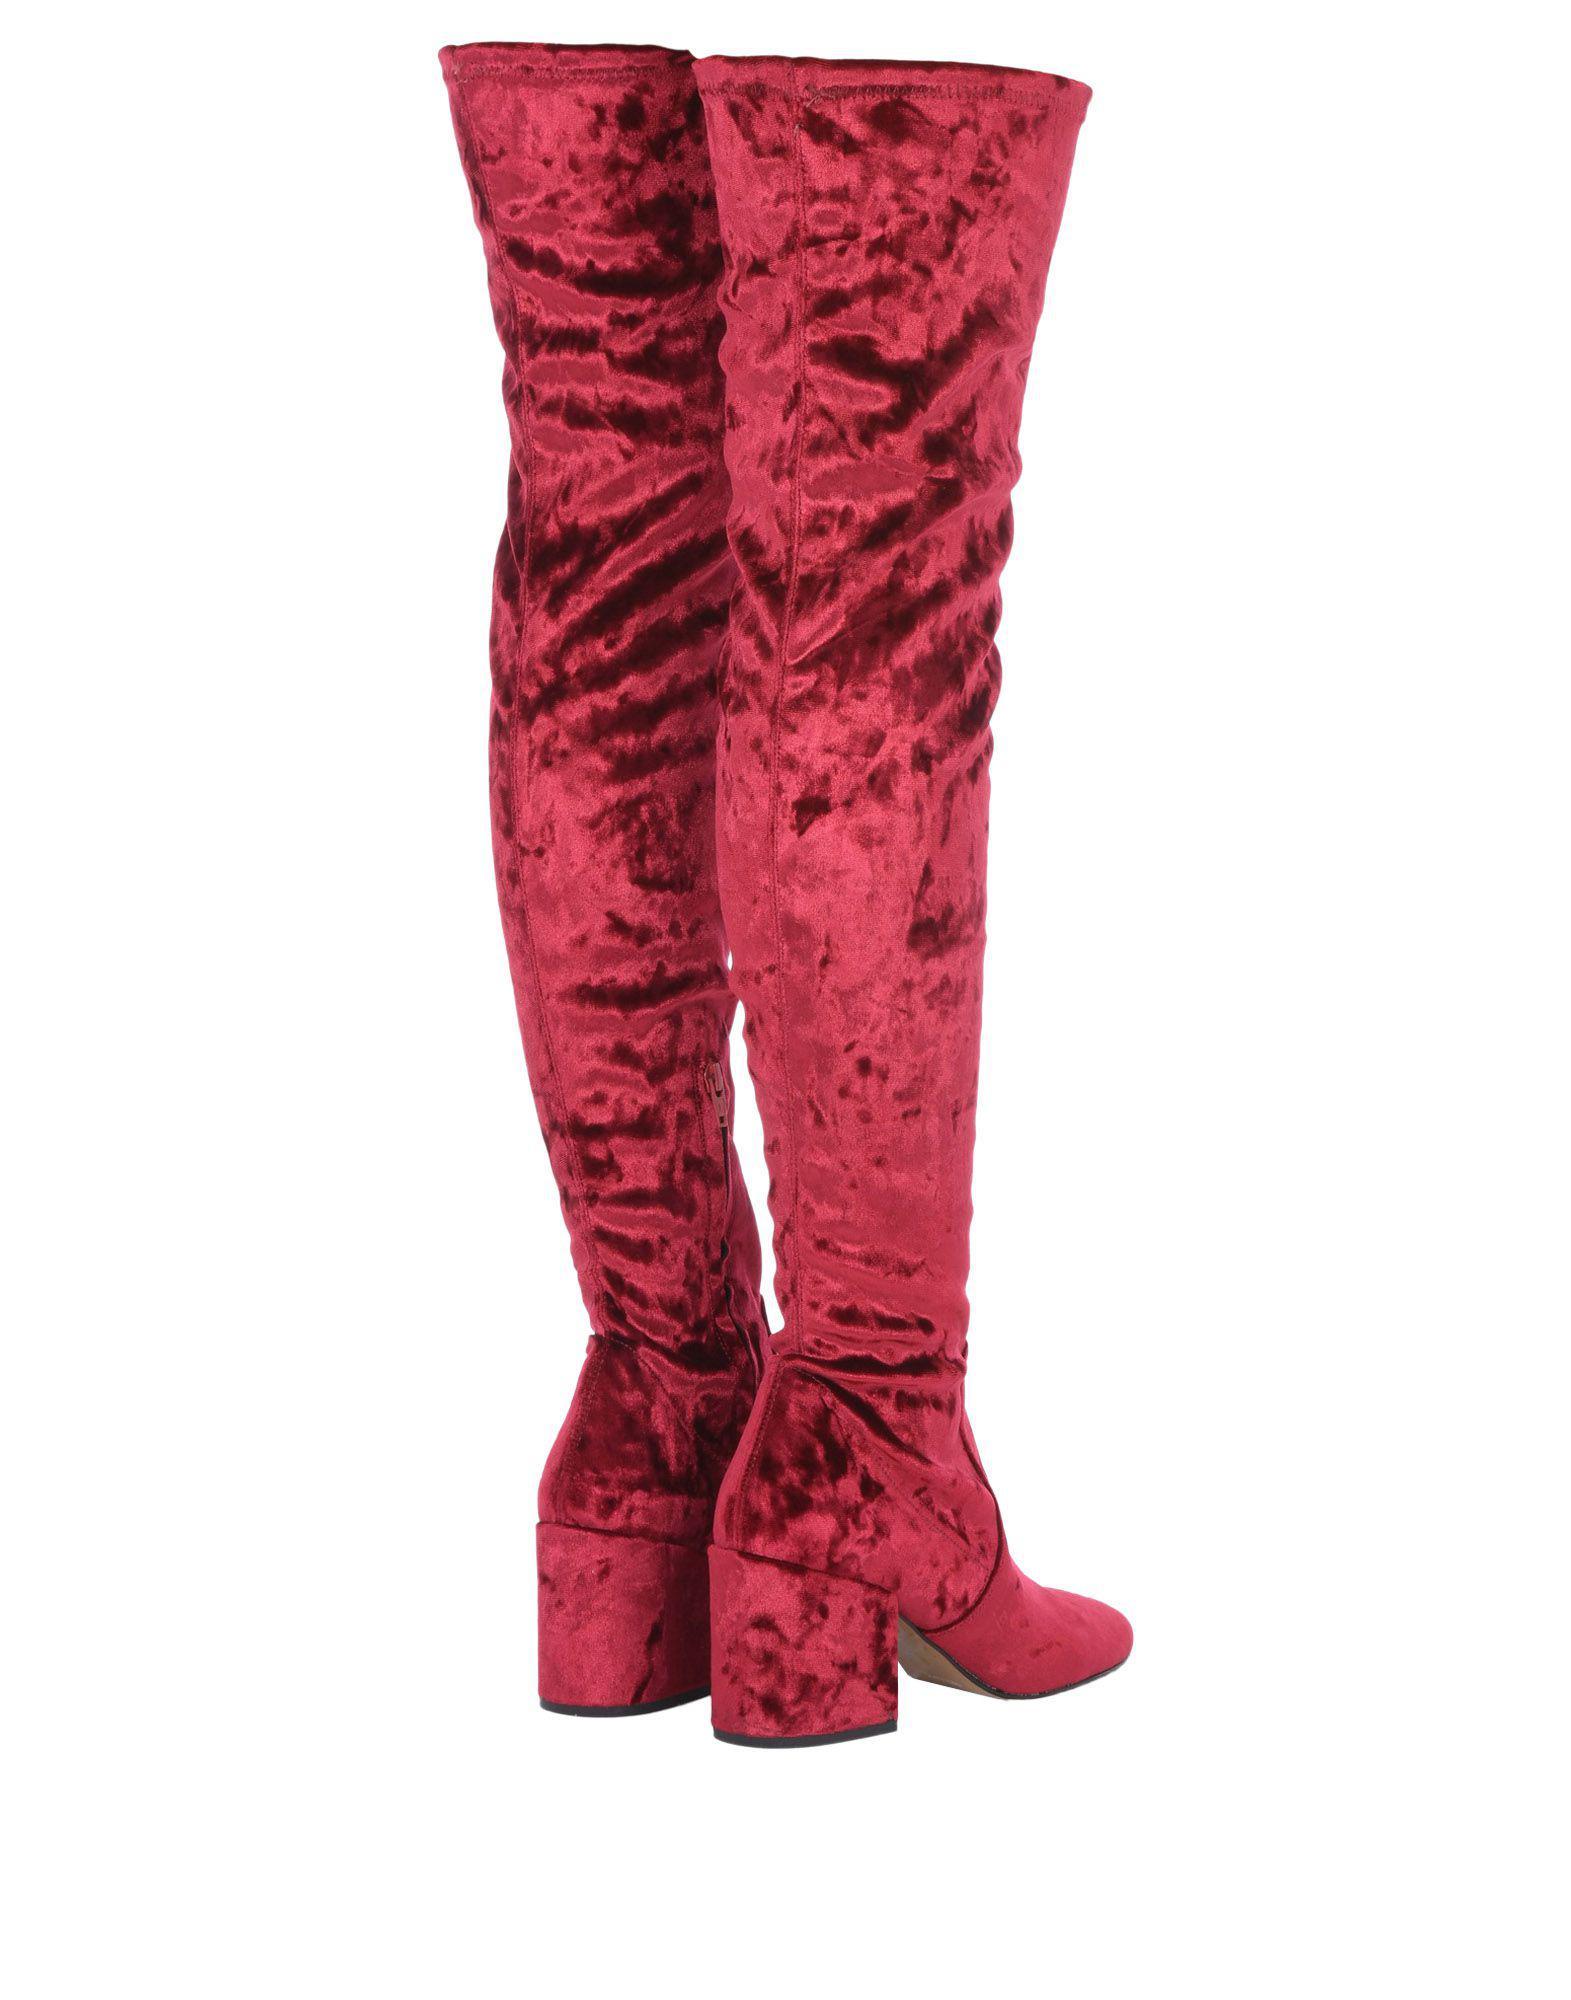 Botas Bianca Di de Terciopelo de color Rojo